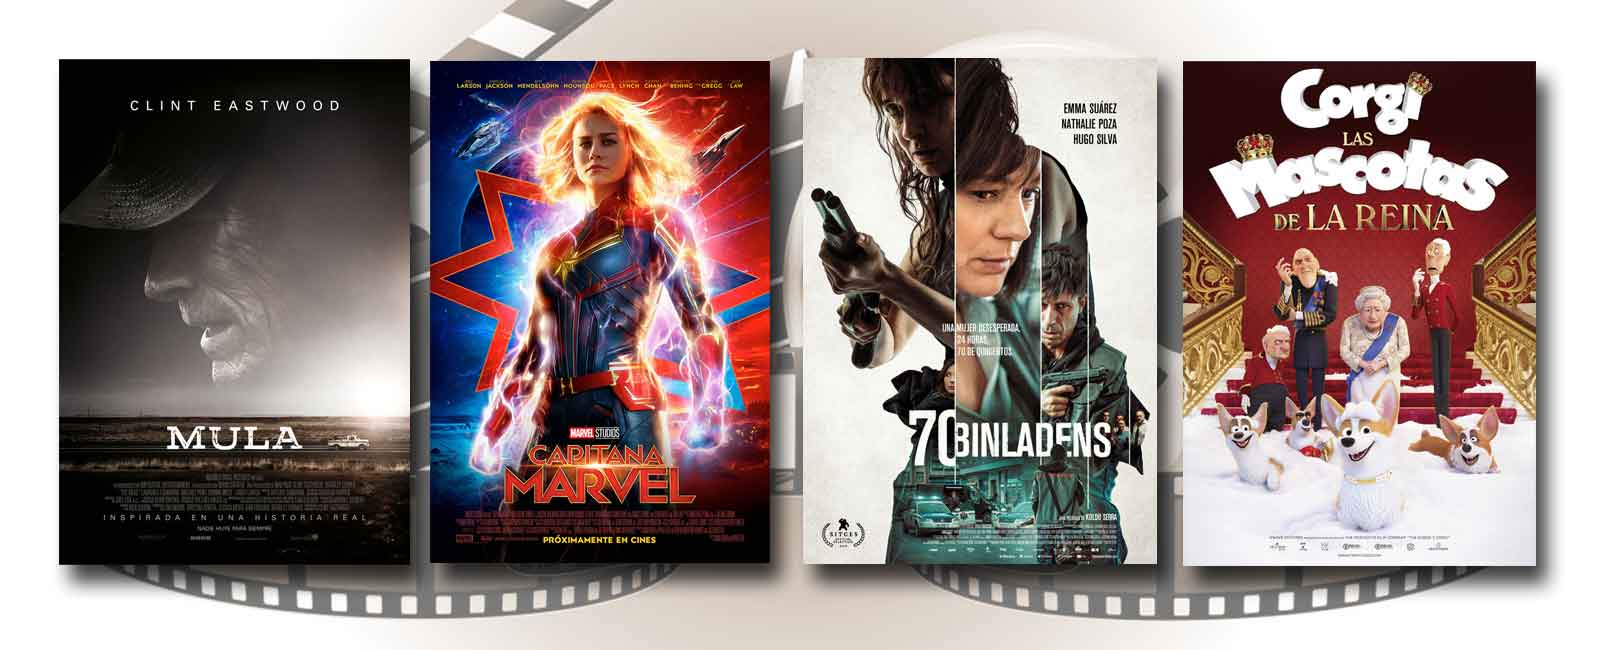 Estrenos de Cine de la Semana… 8 de Marzo 2019